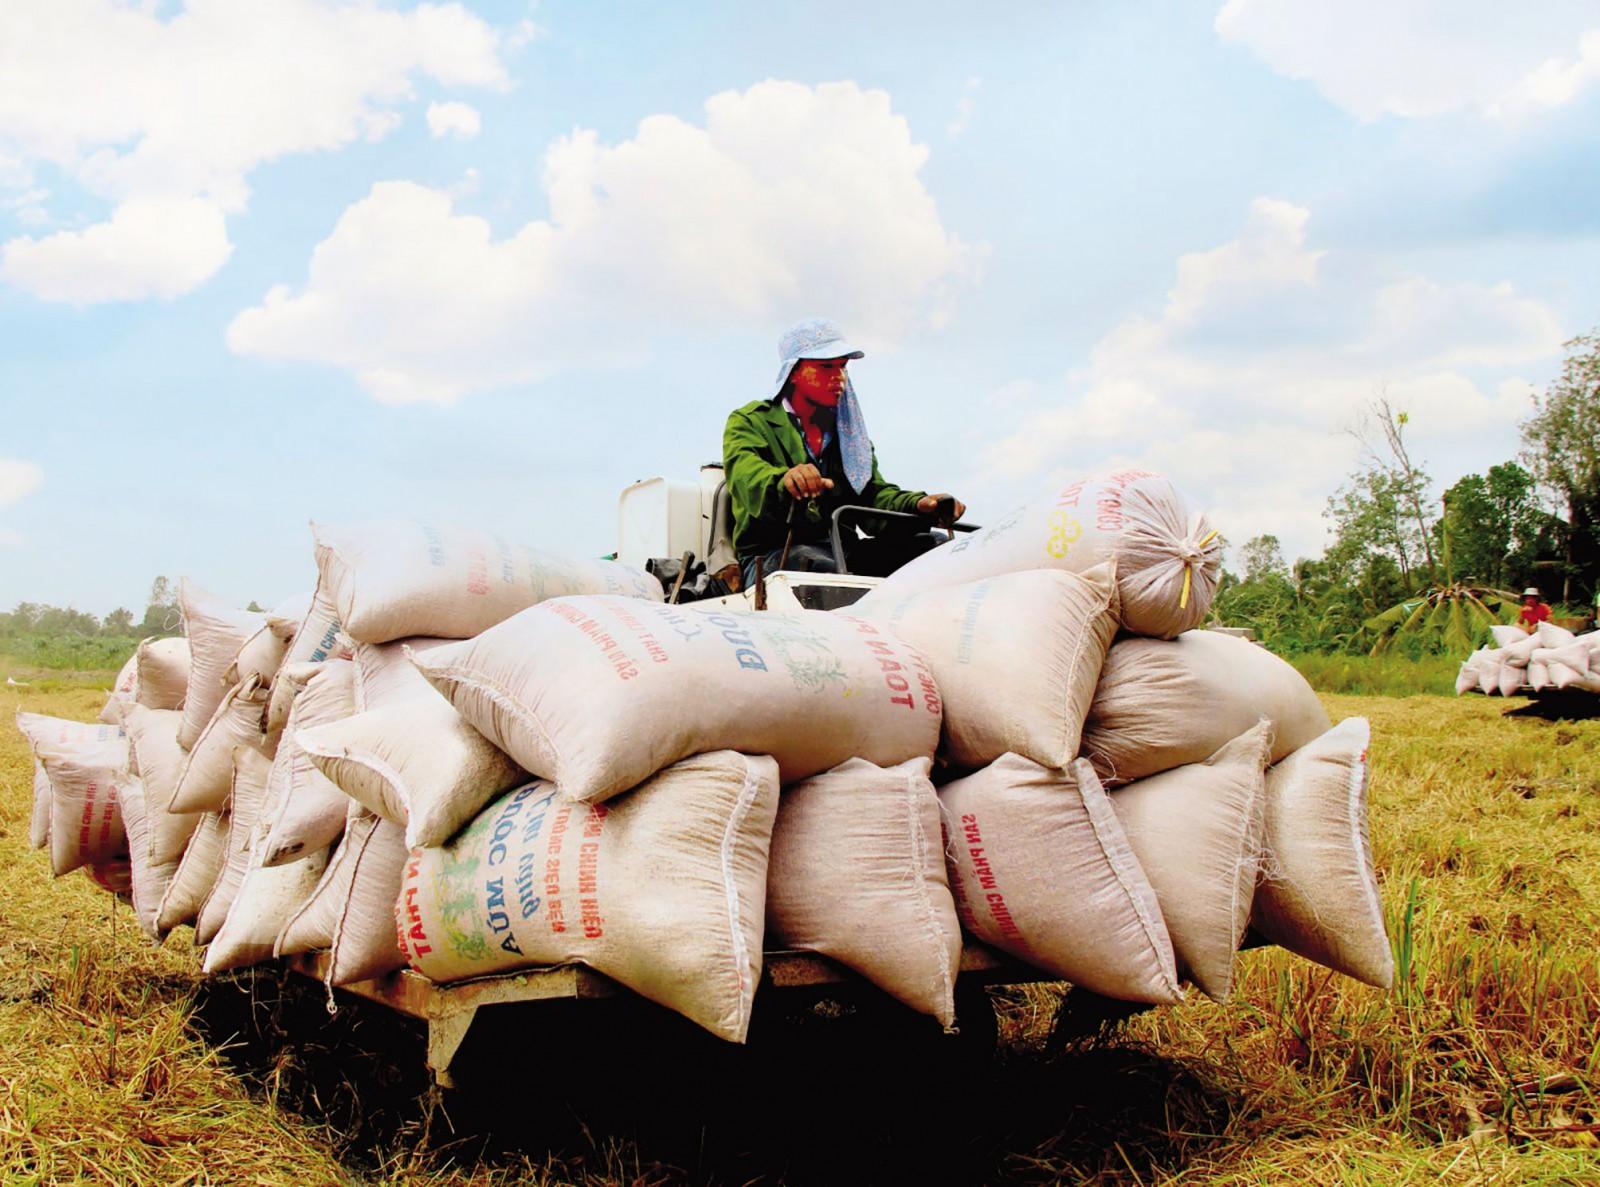 """Thu hoạch lúa tại một """"Cánh đồng lớn"""" trên địa bàn TP Cần Thơ. Ảnh: MỸ THANH"""